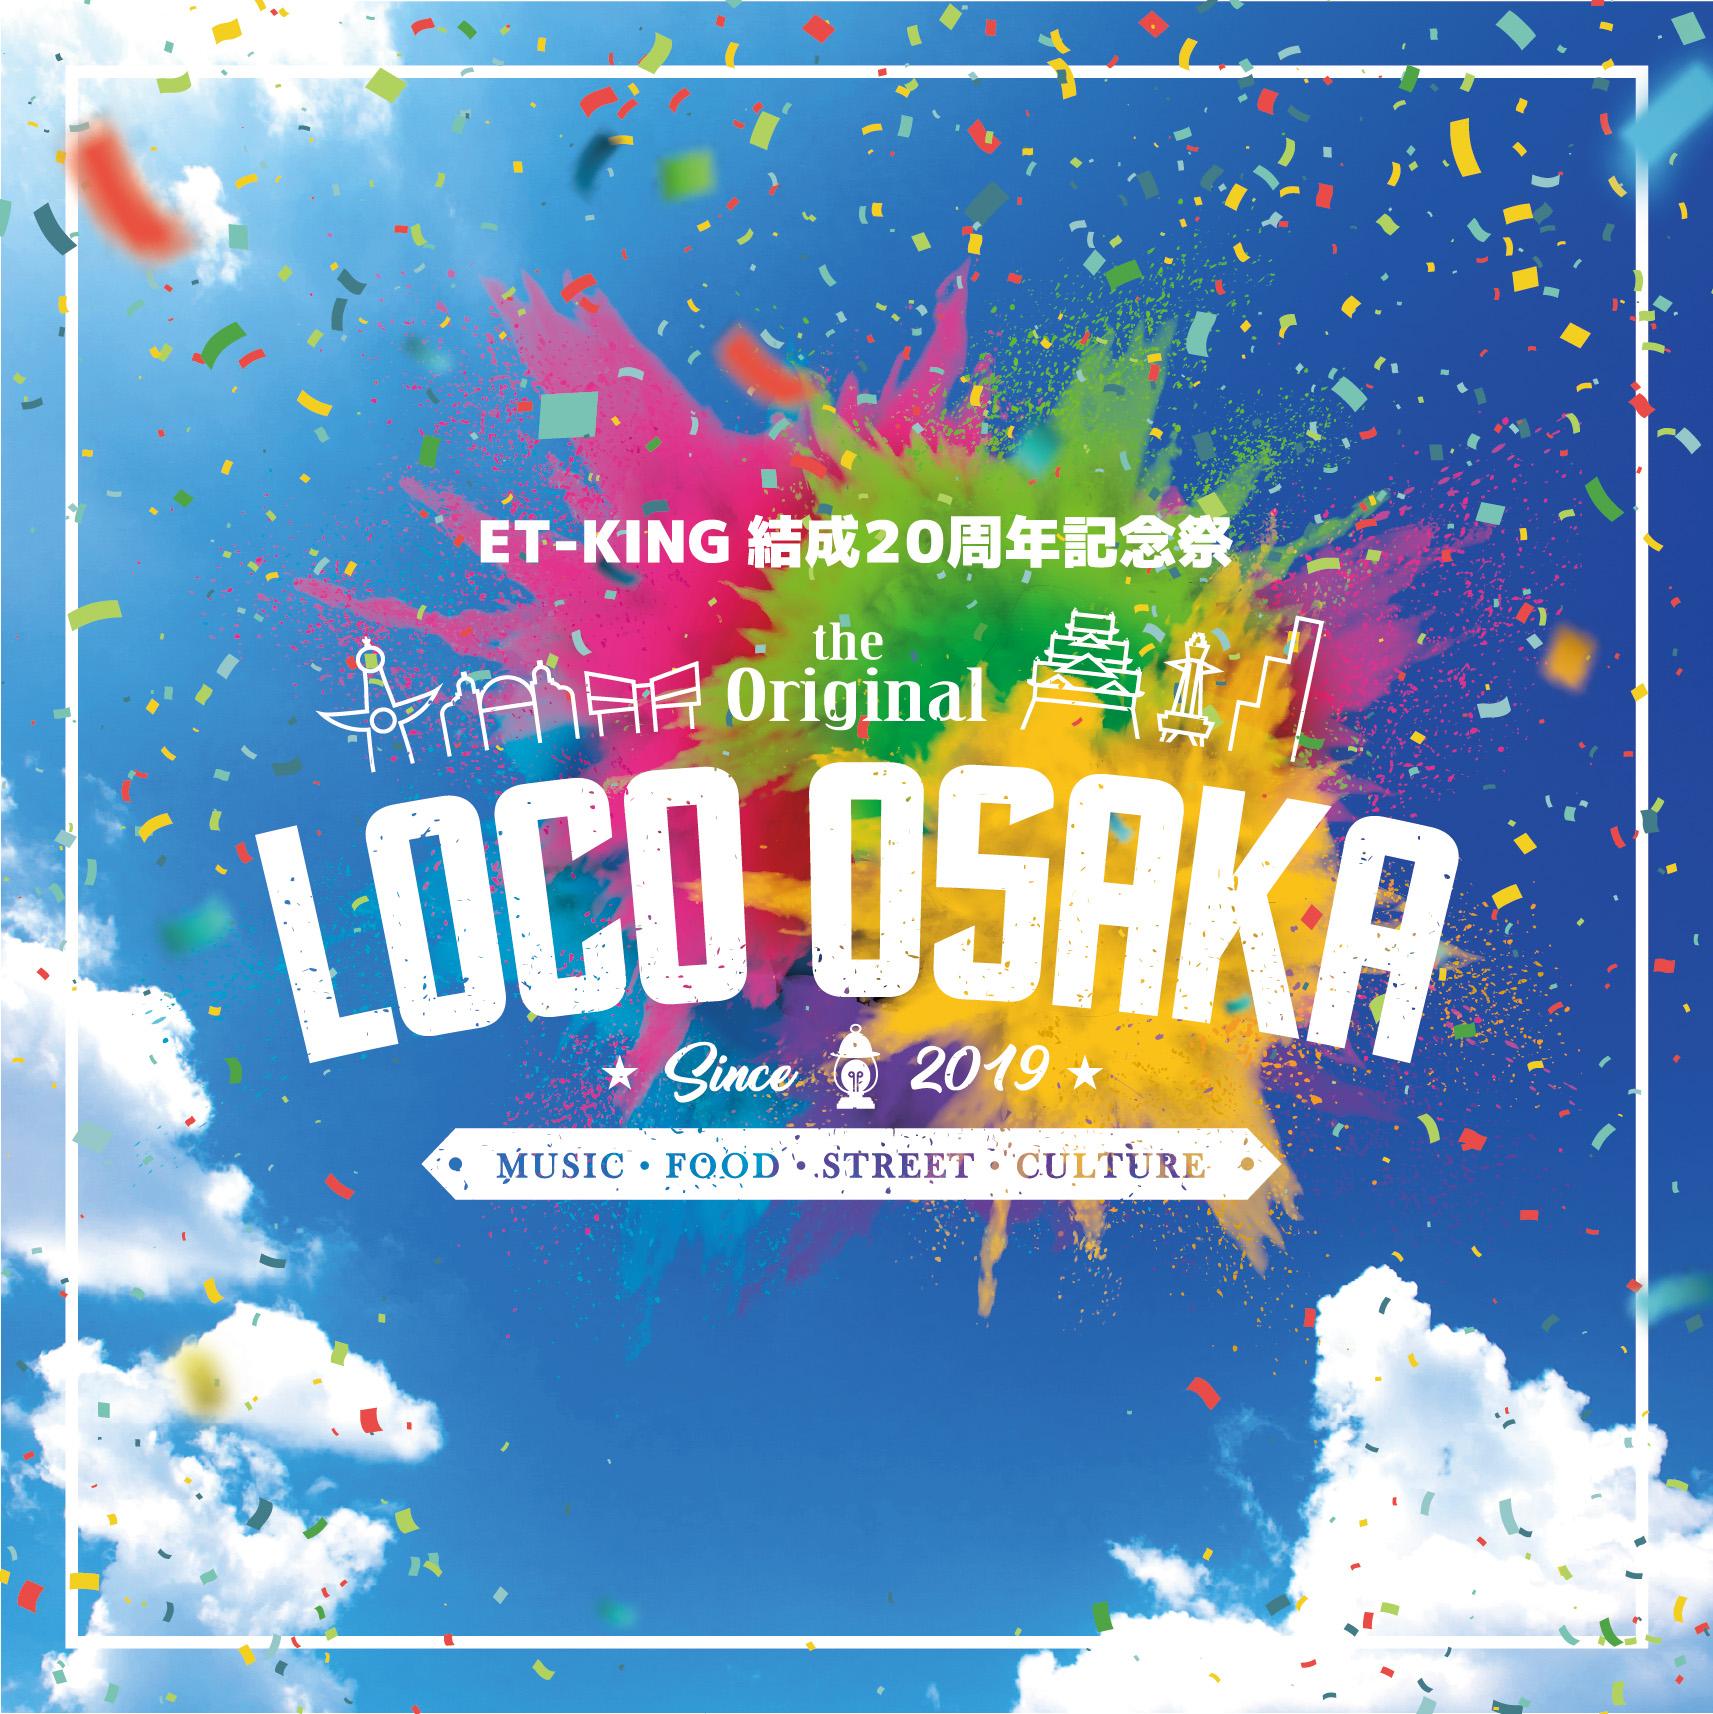 ET-KING結成20周年記念祭 LOCO OSAKA 2019〔なんばHatch〕9月21日(土)-22日(日)